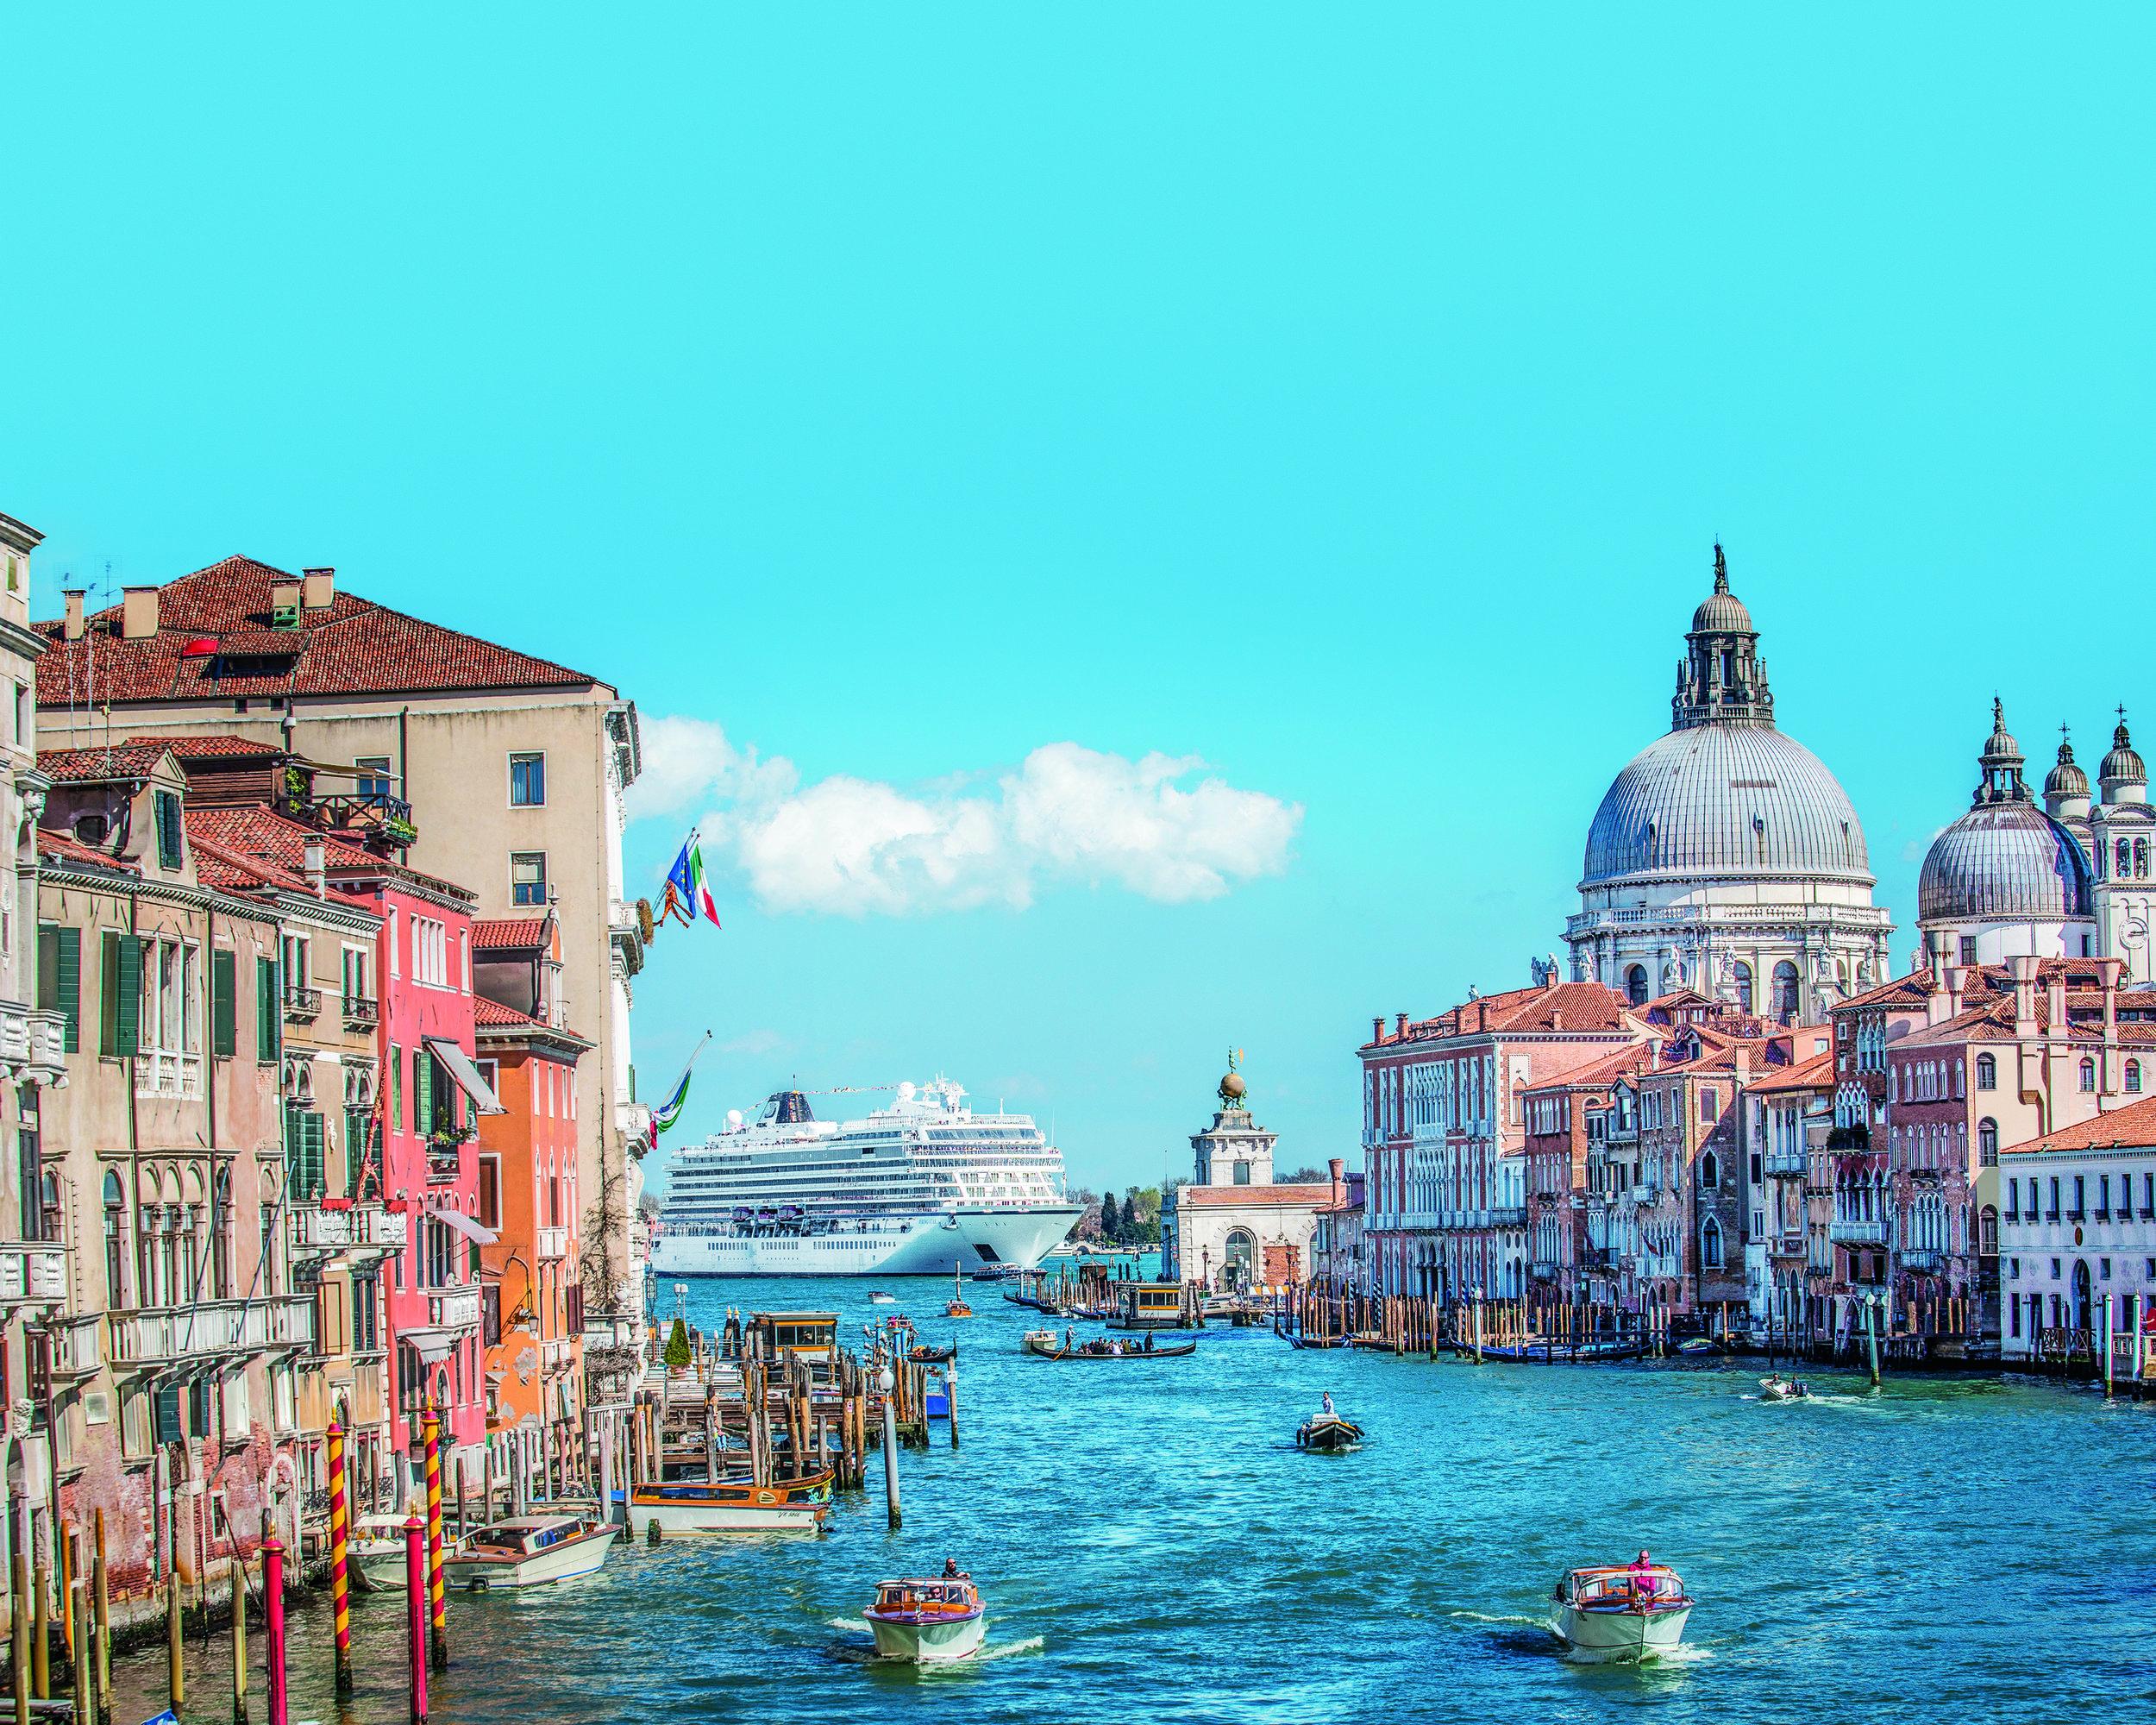 CC_STAR_Venice_Canal.jpg